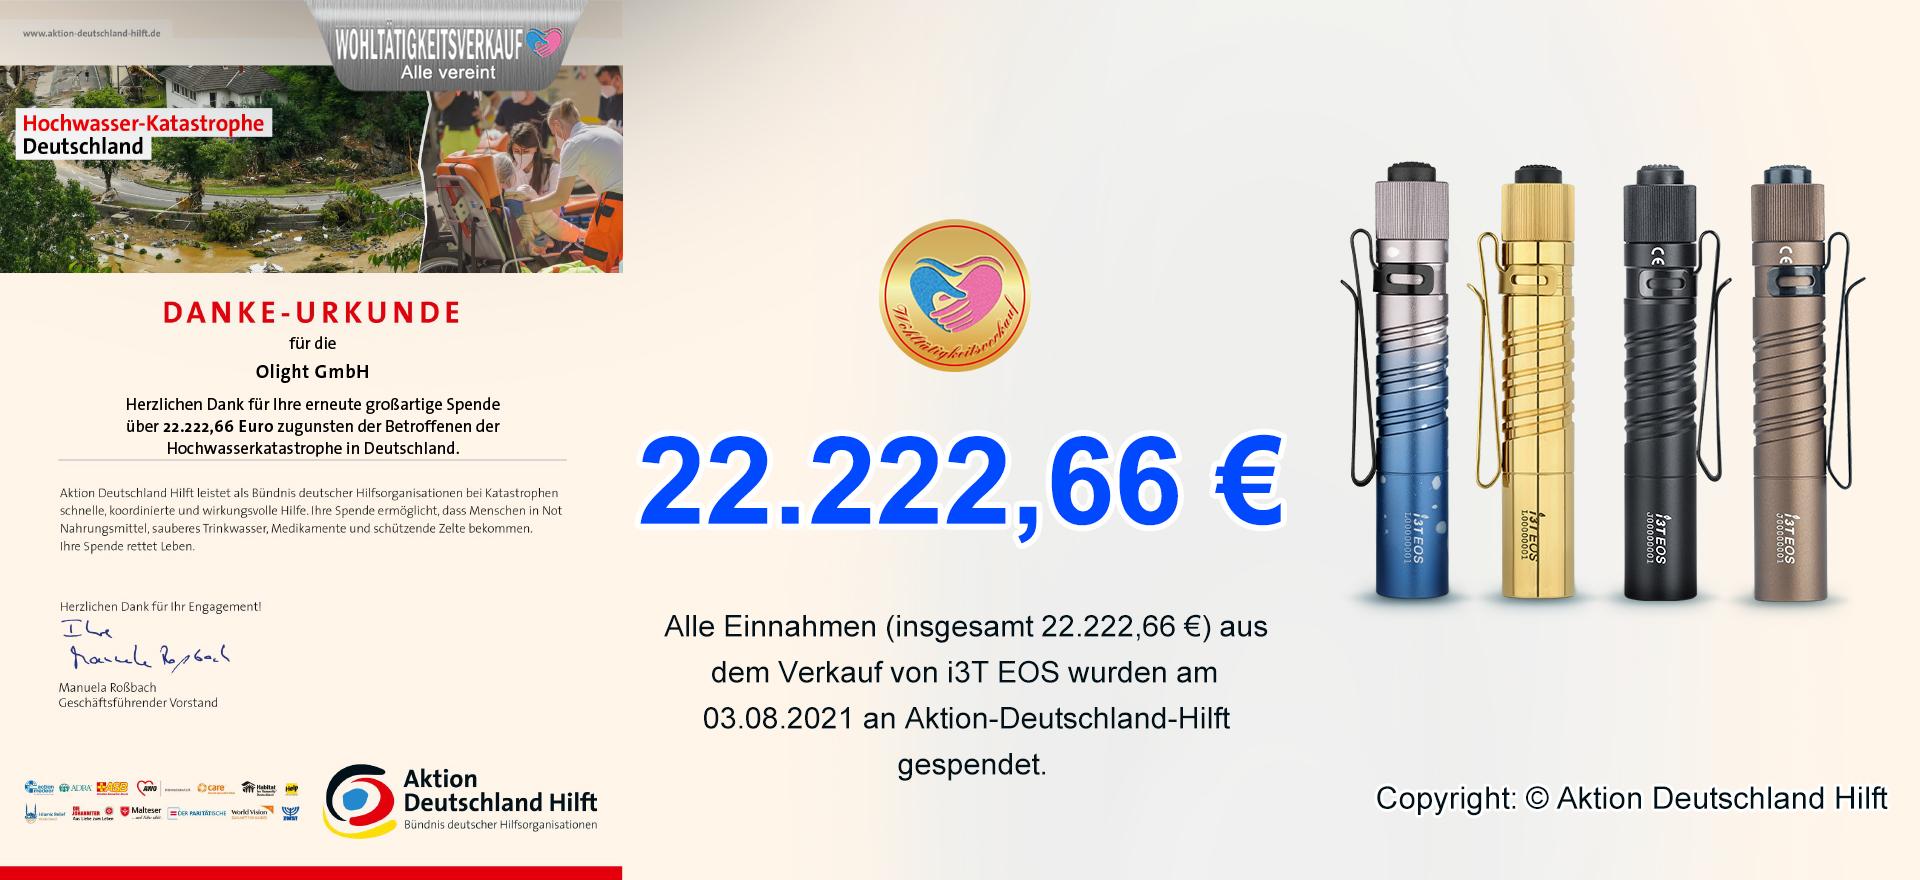 Danke-Urkunde aus Aktion Deutschland Hilft